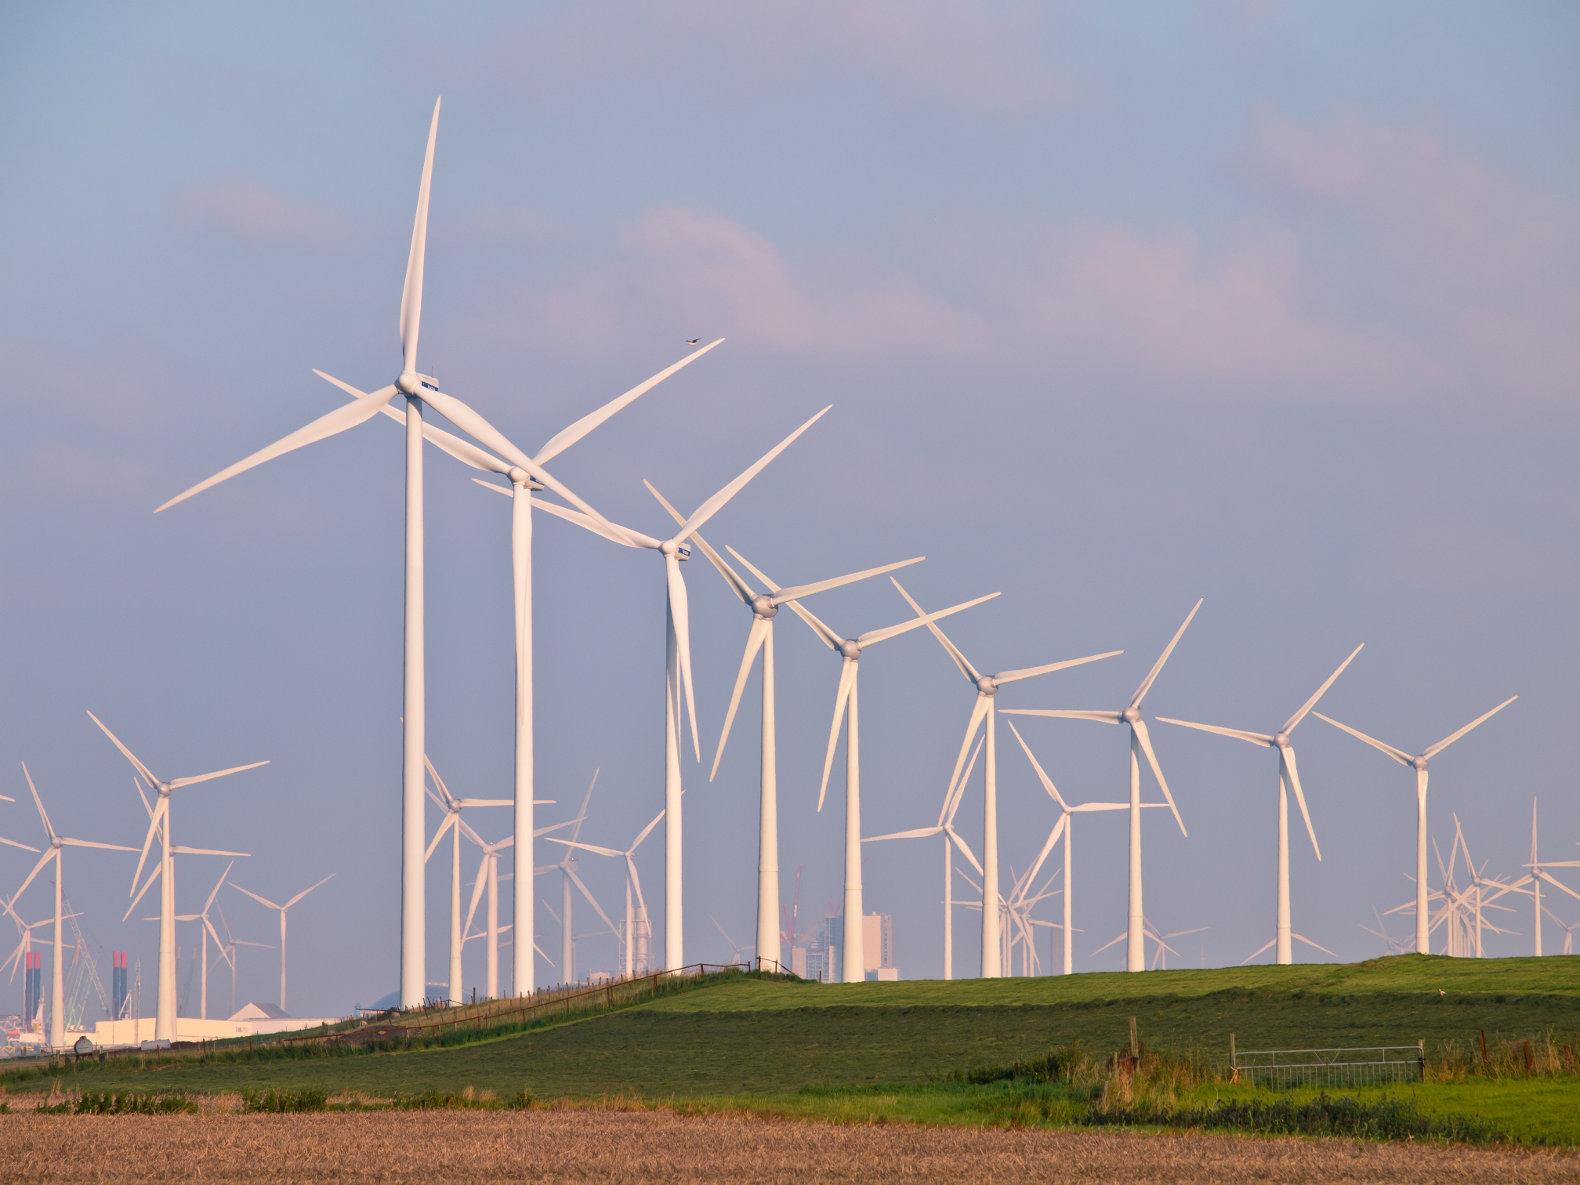 Инновационная ветровая турбина для сильных штормов Исландии